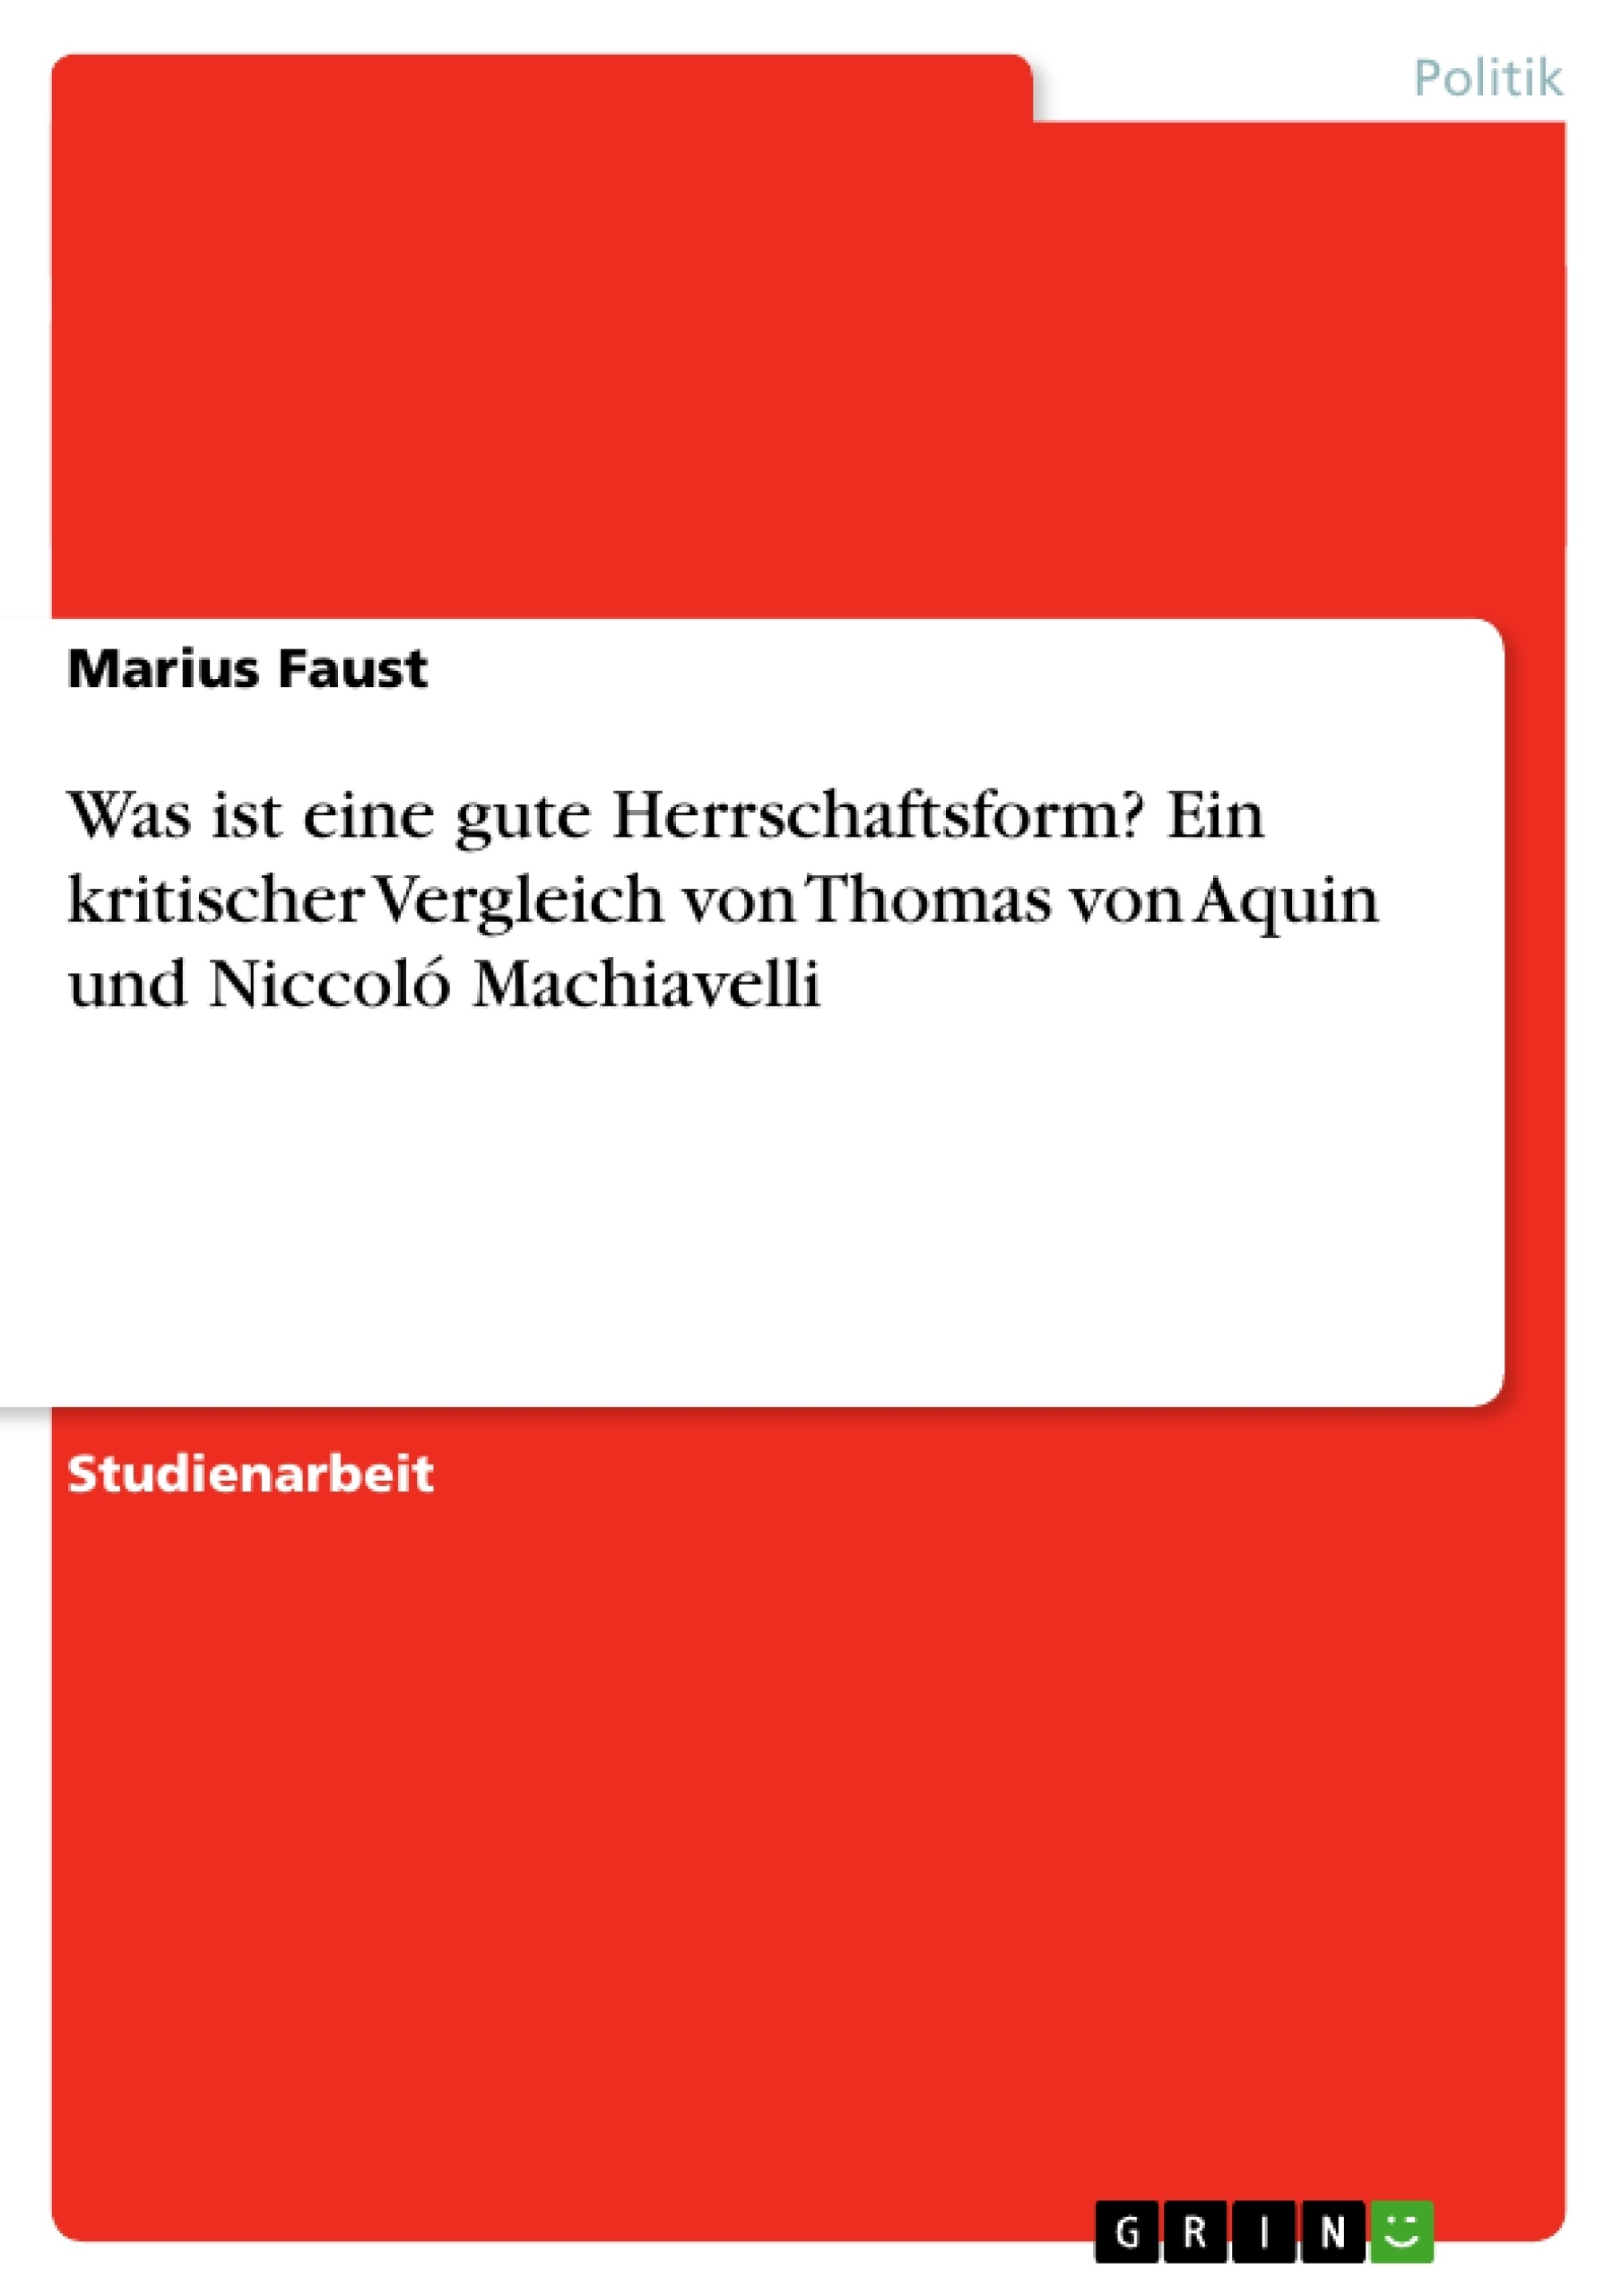 Titel: Was ist eine gute Herrschaftsform? Ein kritischer Vergleich von Thomas von Aquin und Niccoló Machiavelli